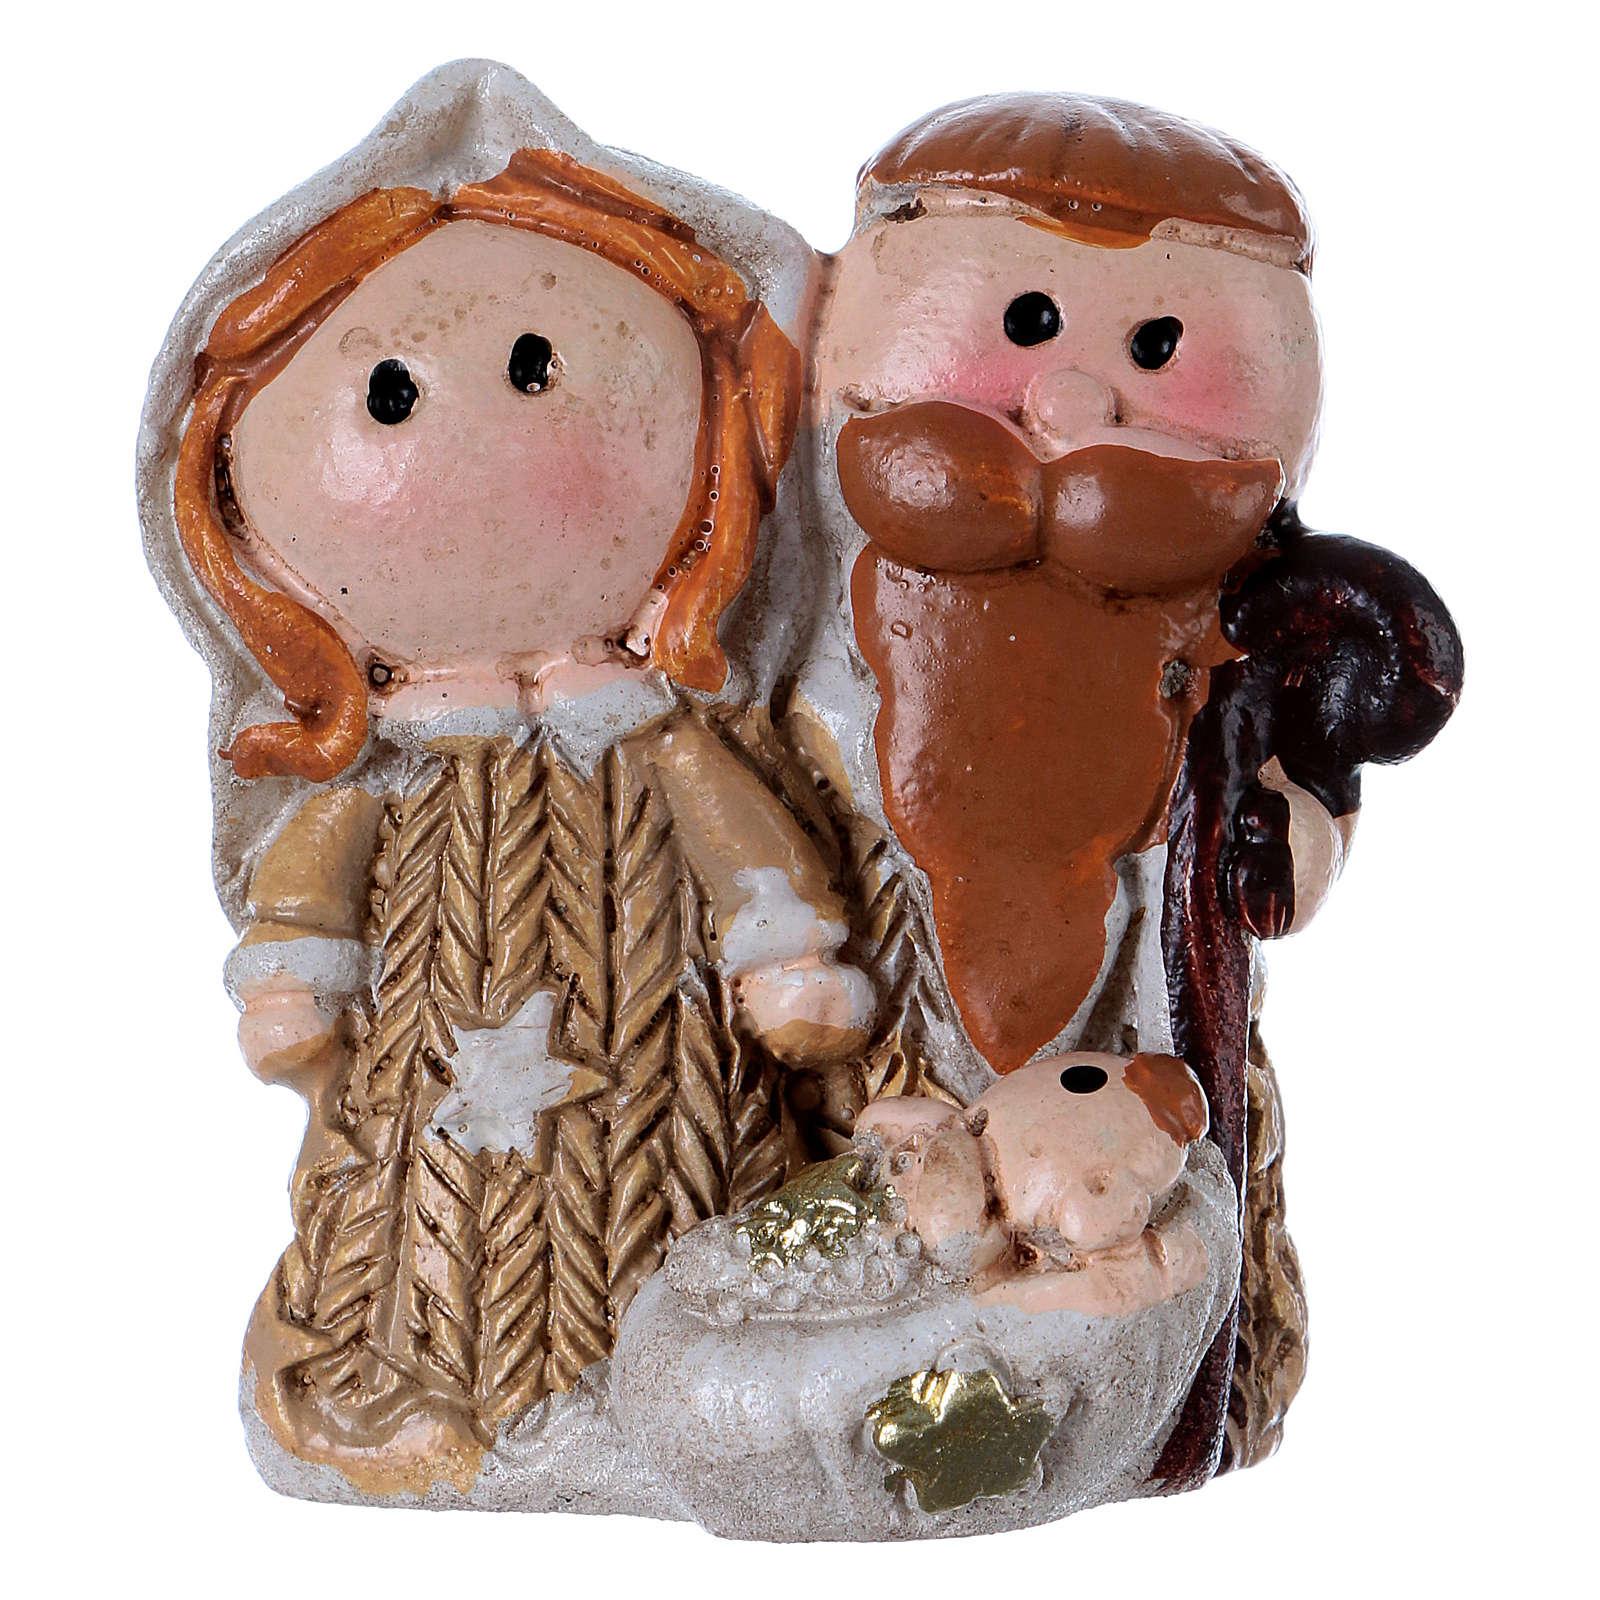 Natività in resina colorata con Gesù bambino 3,5 cm 3